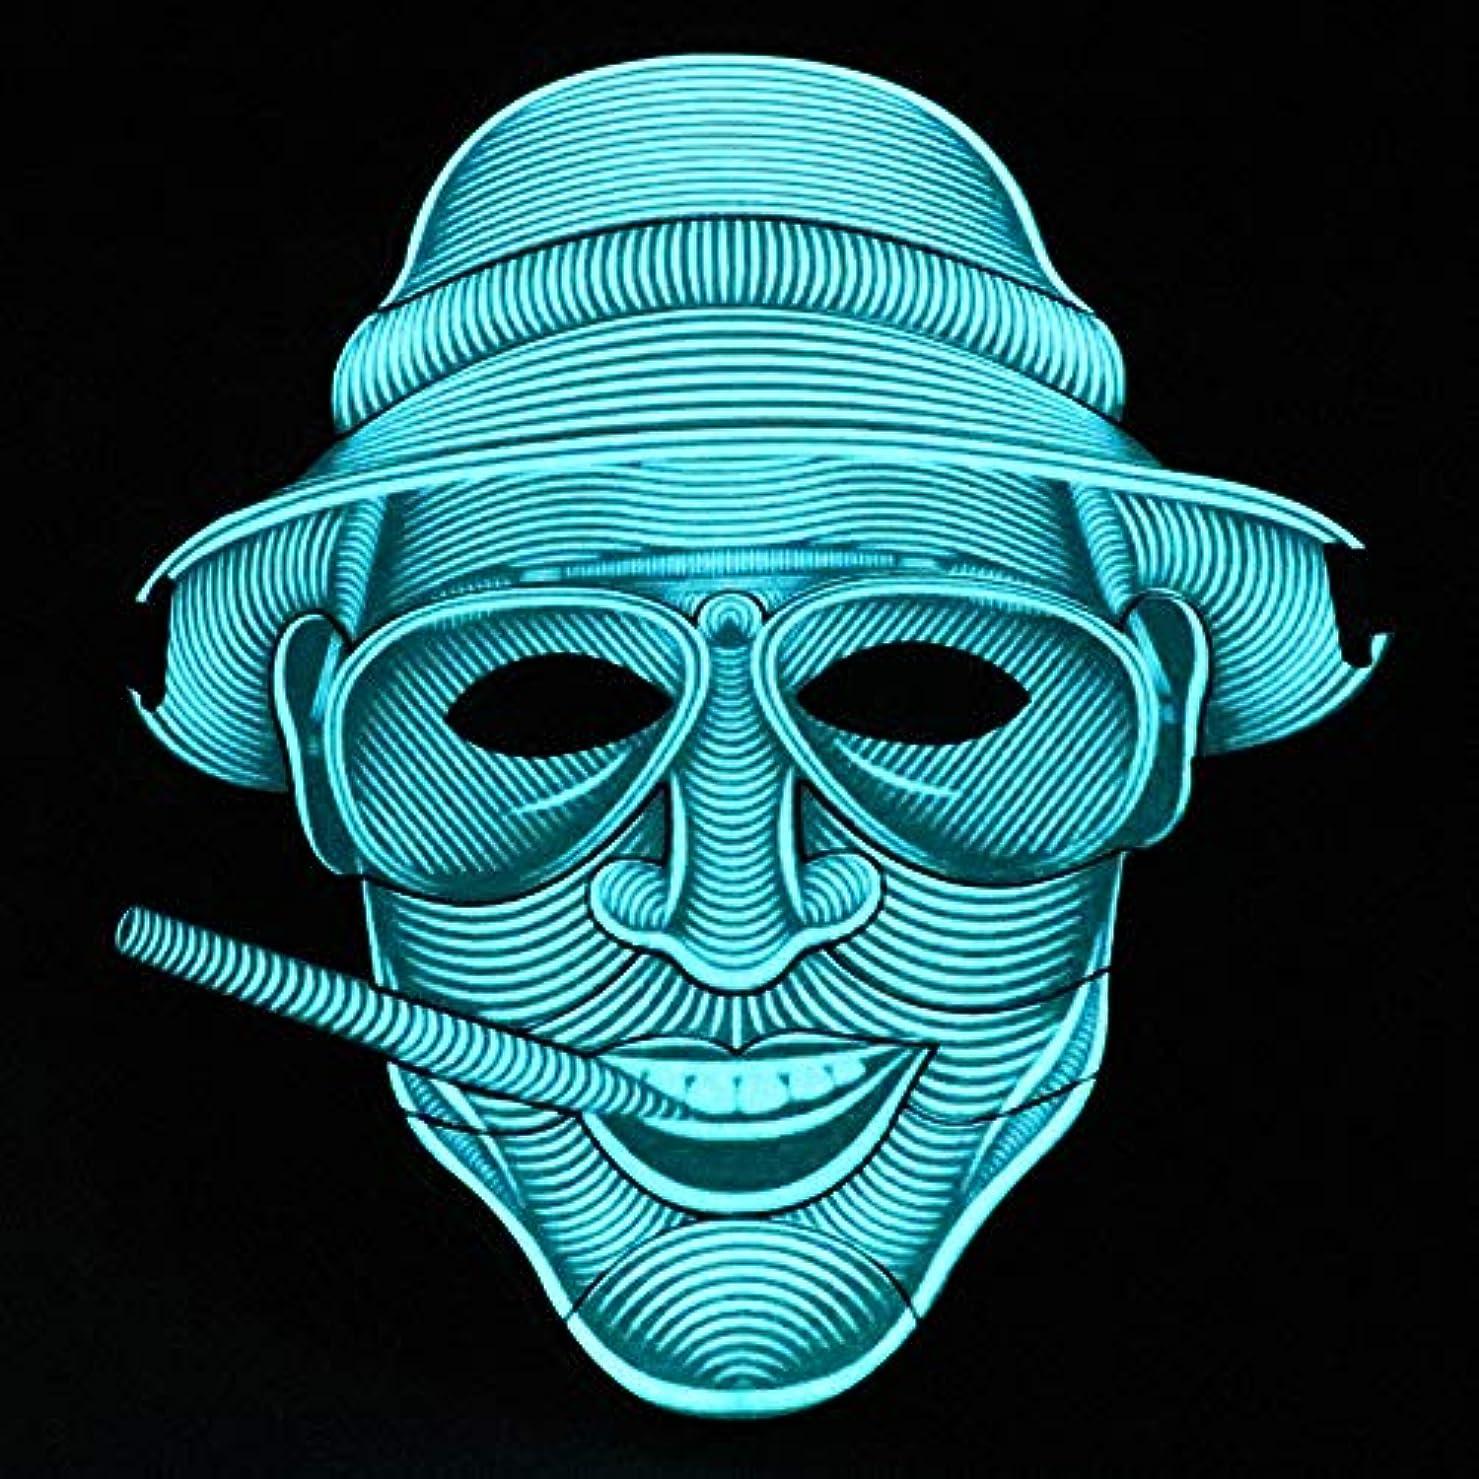 確認してください安らぎ自己照らされたマスクLED創造的な冷光音響制御マスクハロウィンバーフェスティバルダンスマスク (Color : #16)